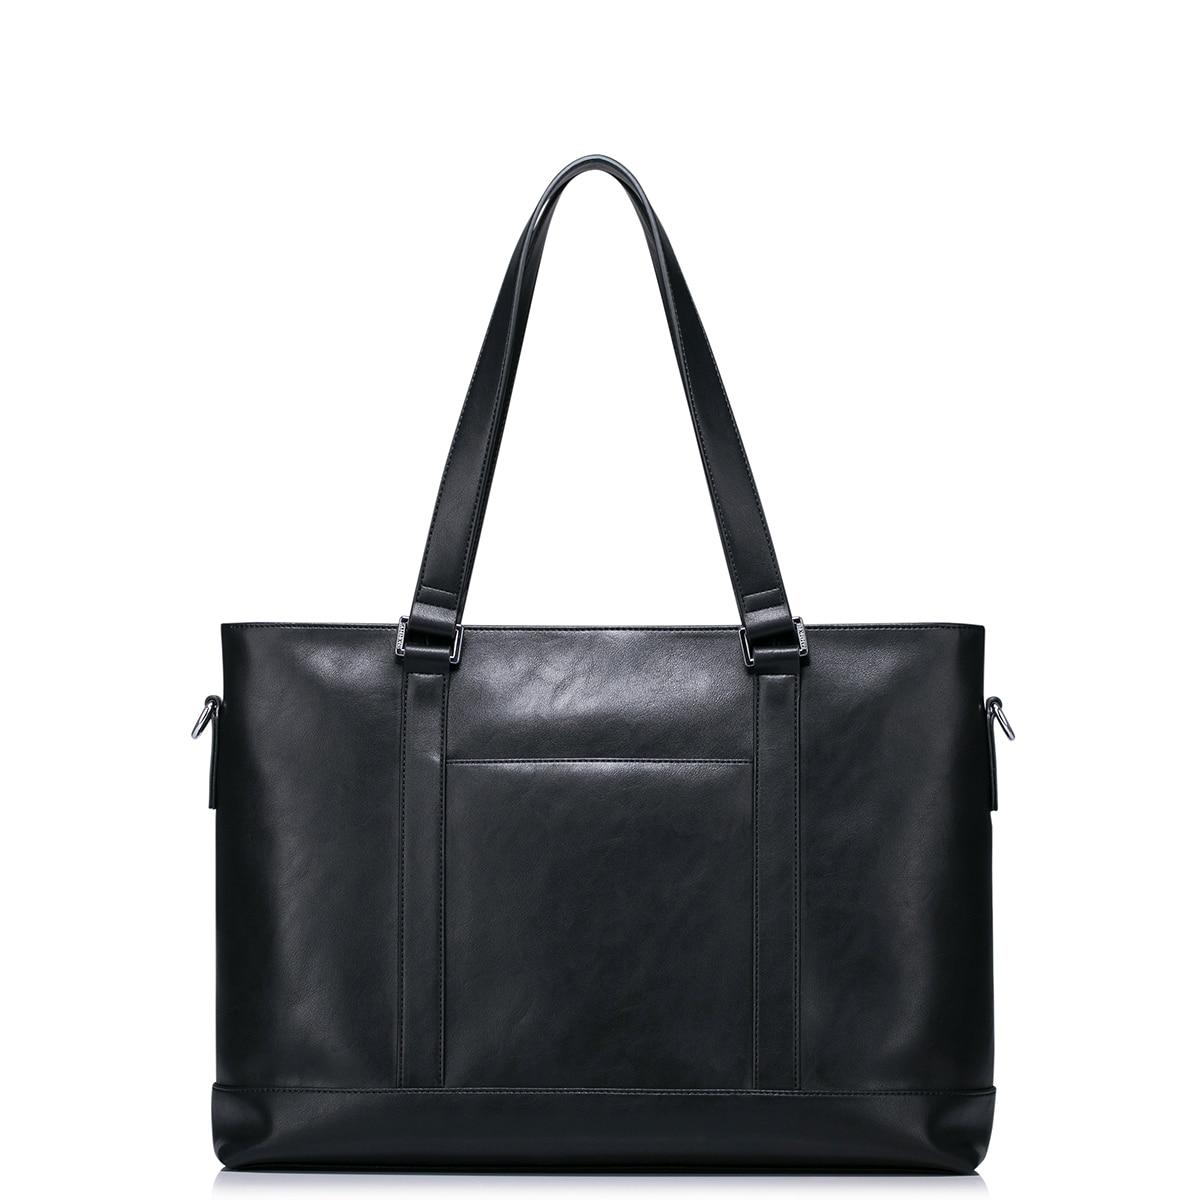 Винтажный Мужской портфель из натуральной кожи, сумка мессенджер для ноутбука, мужские многофункциональные сумки на плечо, вместительные д... - 2